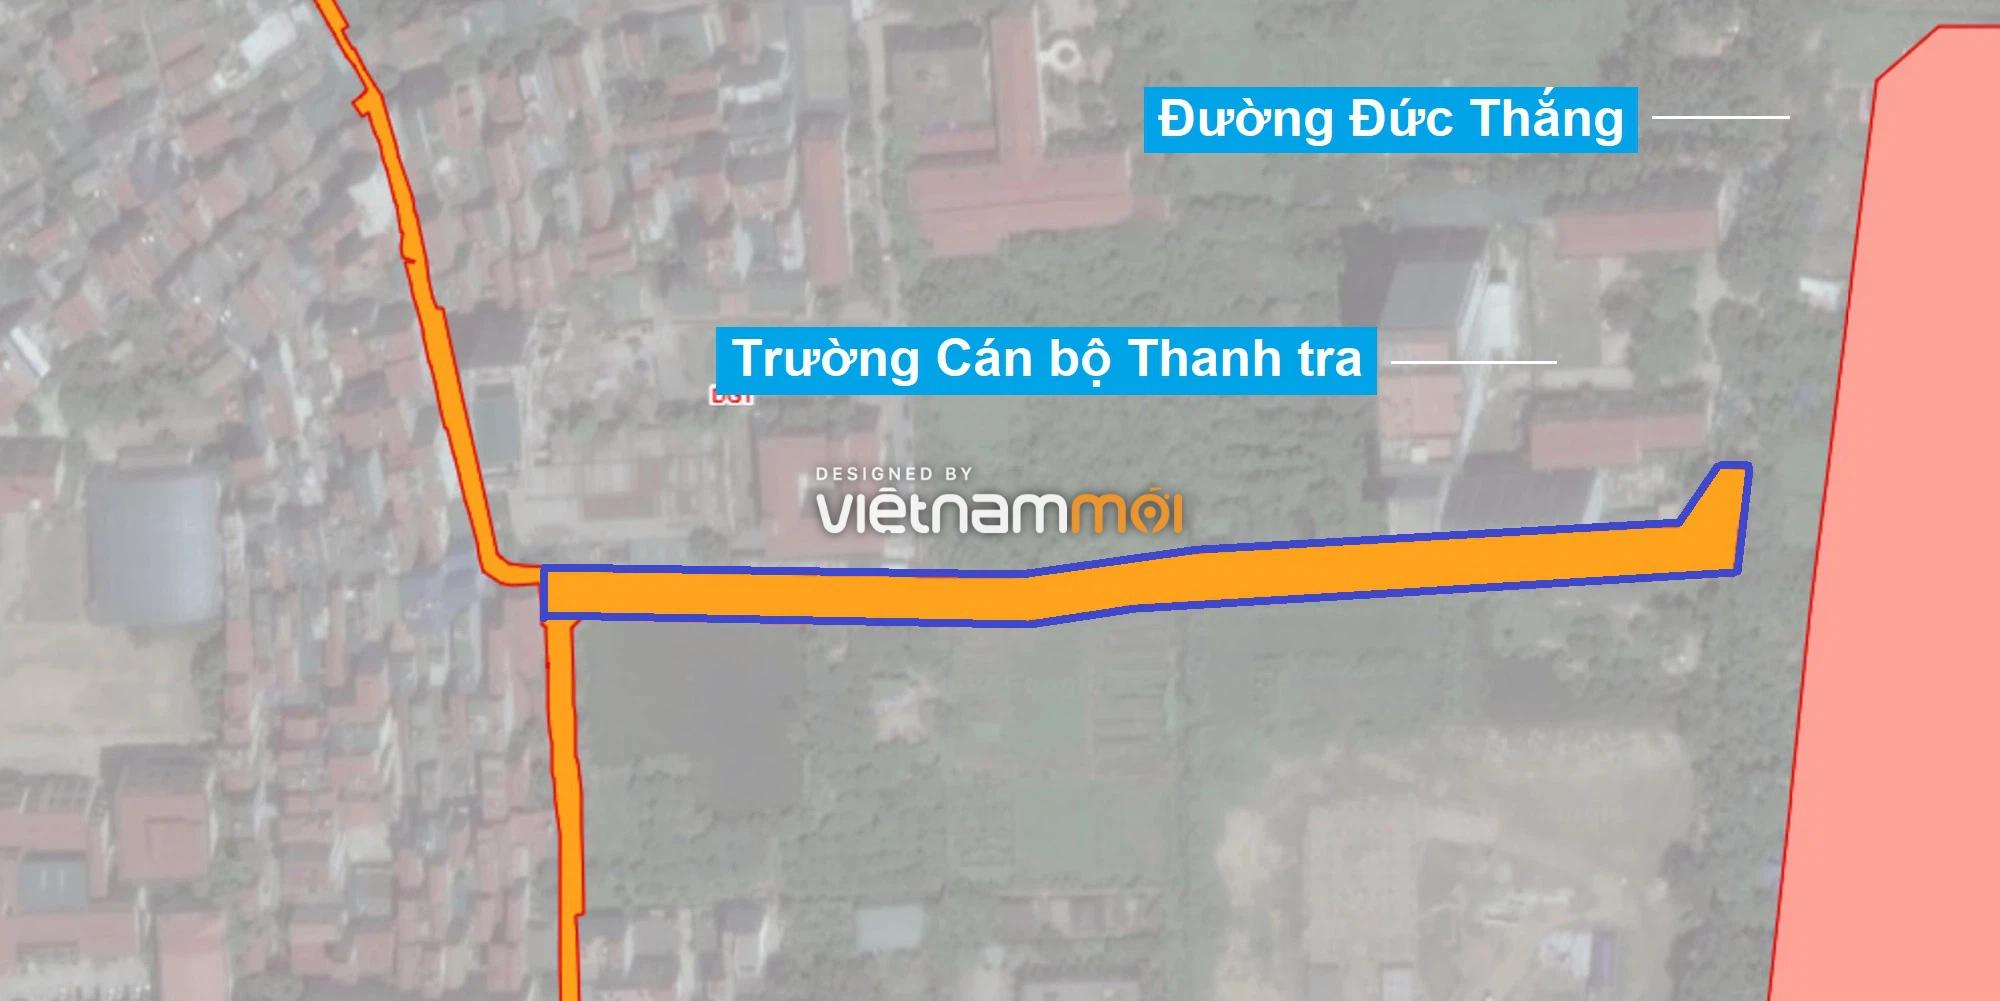 Những khu đất sắp thu hồi để mở đường ở quận Bắc Từ Liêm, Hà Nội (phần 2) - Ảnh 19.